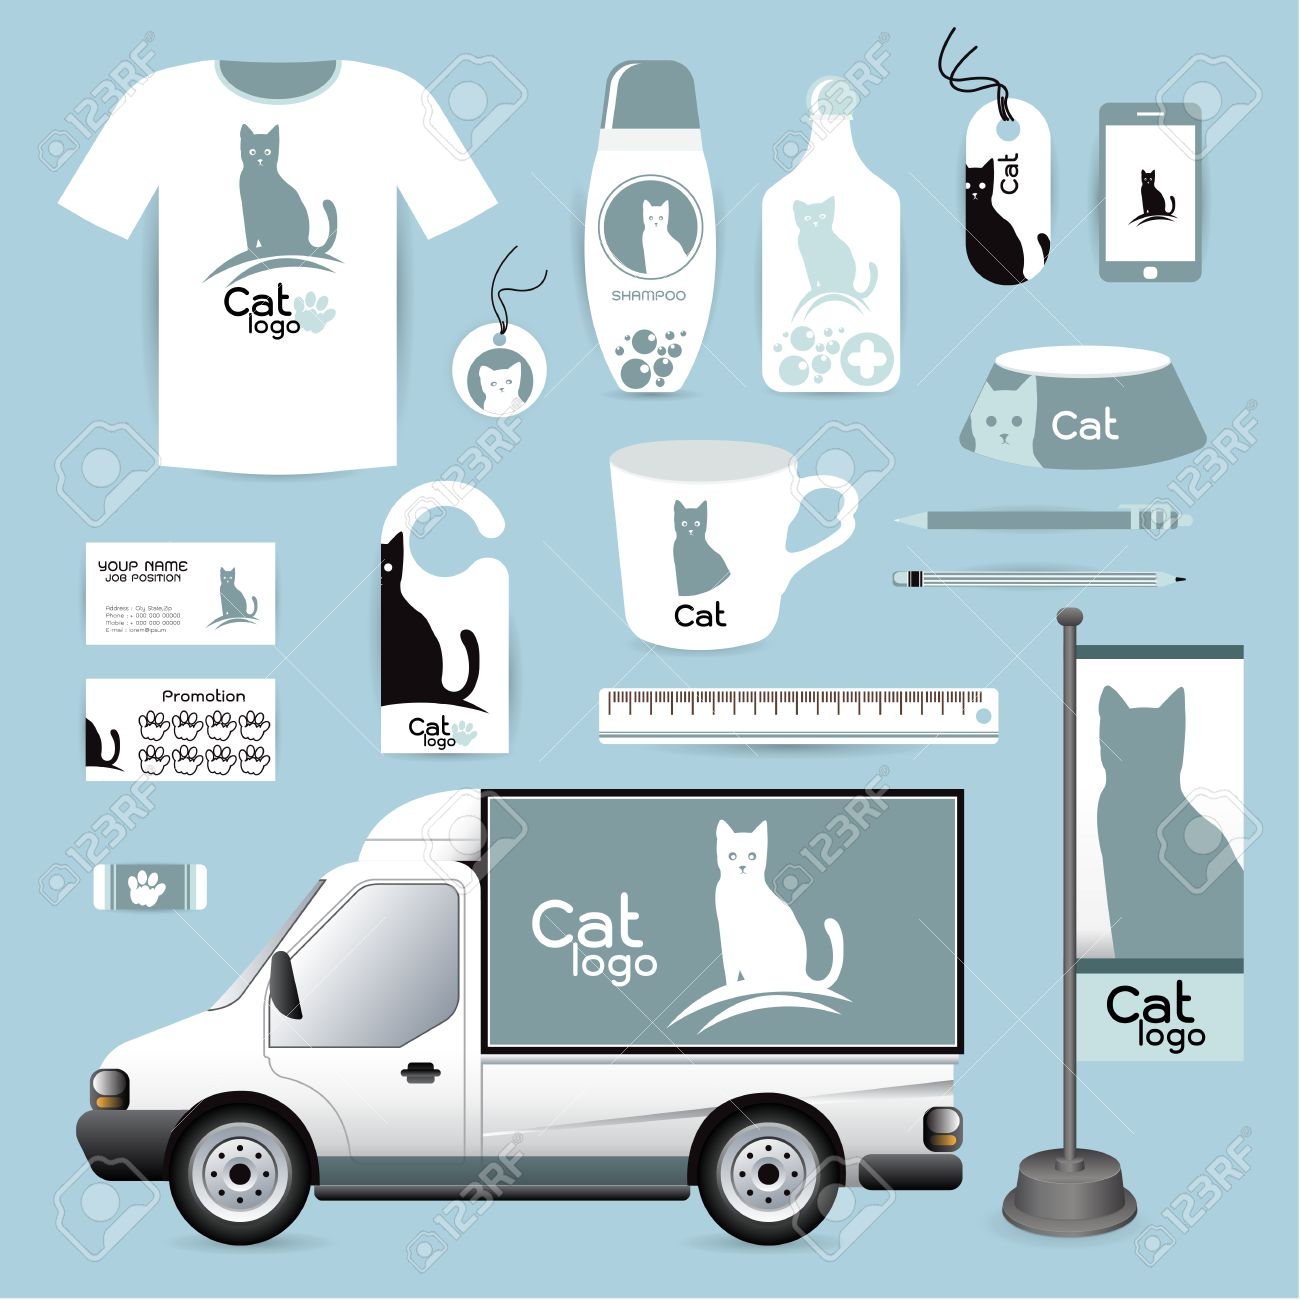 Lidentit Des Animaux De Conception Dentreprise Tiquettes Matriel Mdical Chat Animal Hospital Cartes Visite Gomme Les